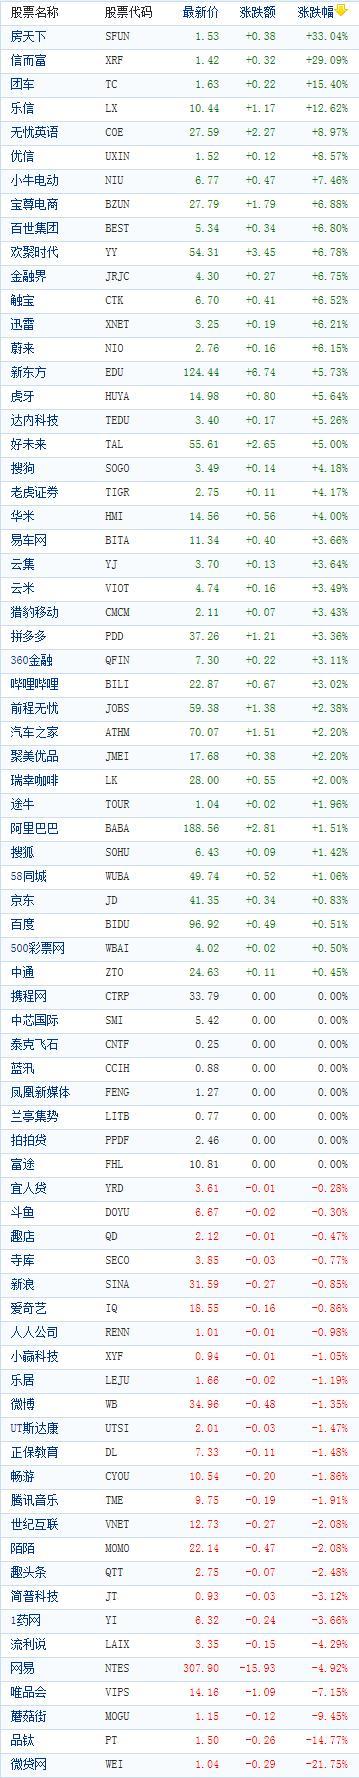 中国概念股周三收盘涨跌互现 房天下飙涨逾三成